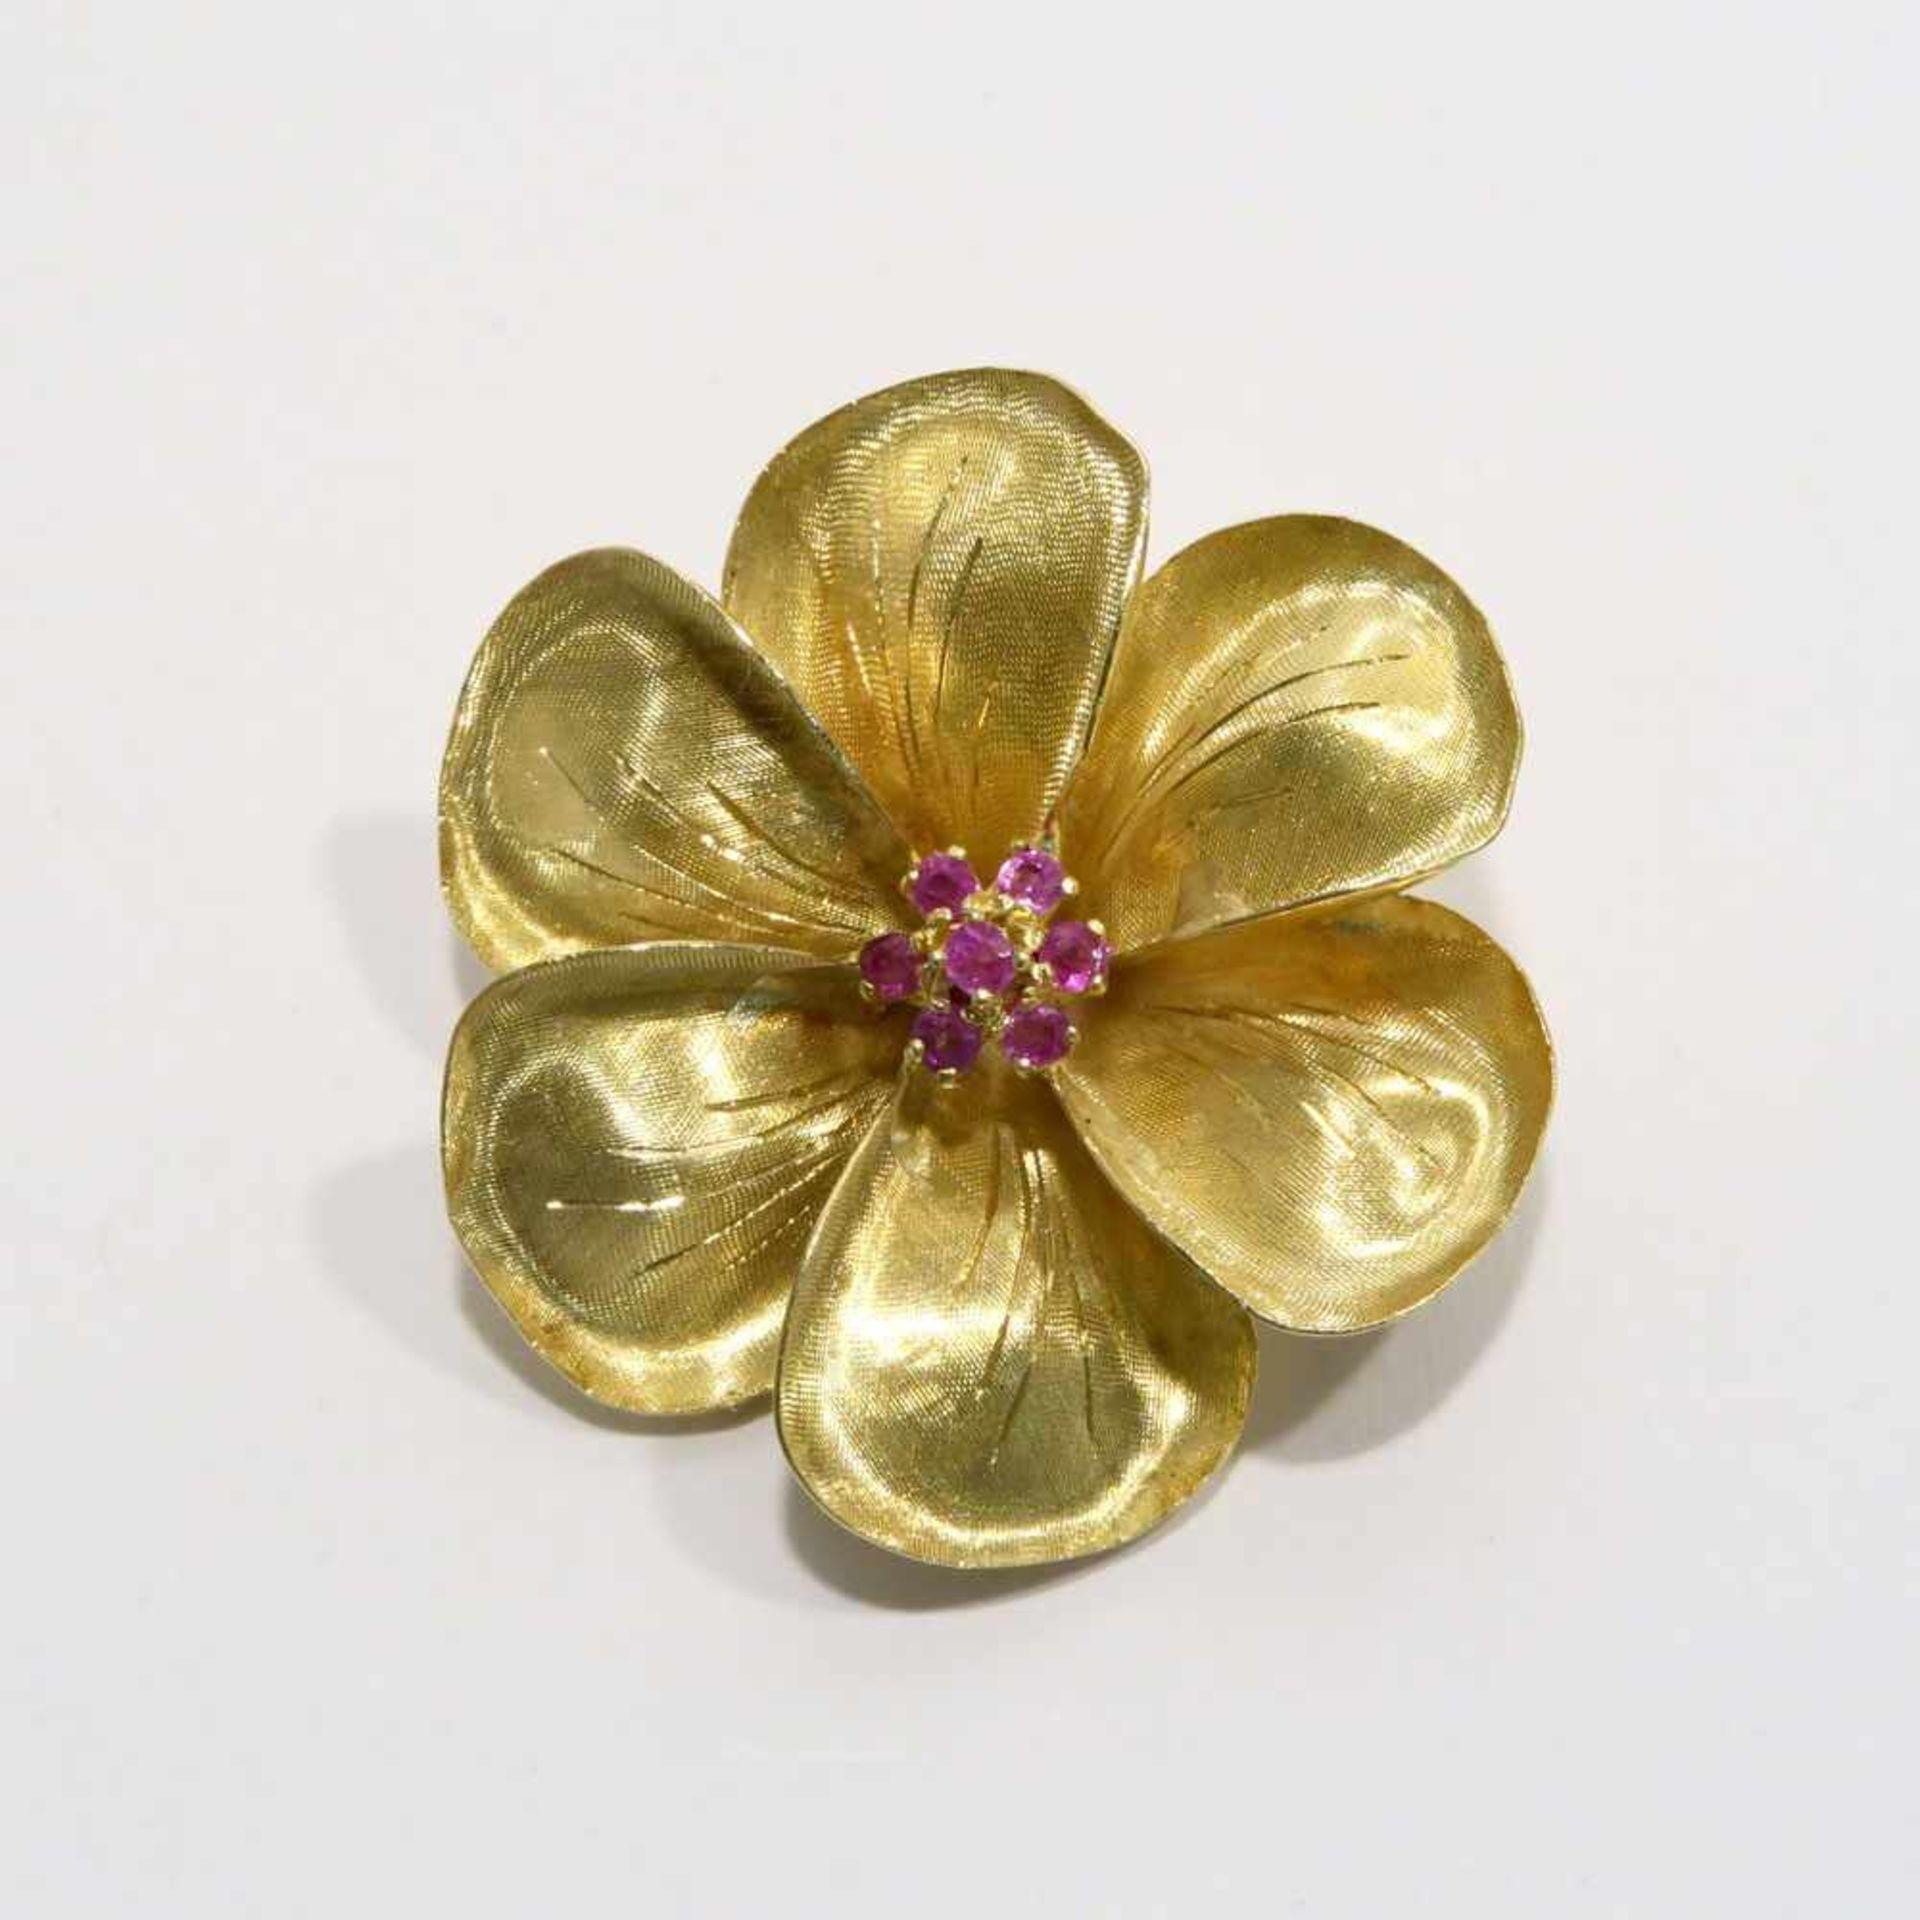 BroscheUm 1960. 18 K GG, Marke (750). In satinierter Blütenform, mittig besetzt mit sieben kleinen